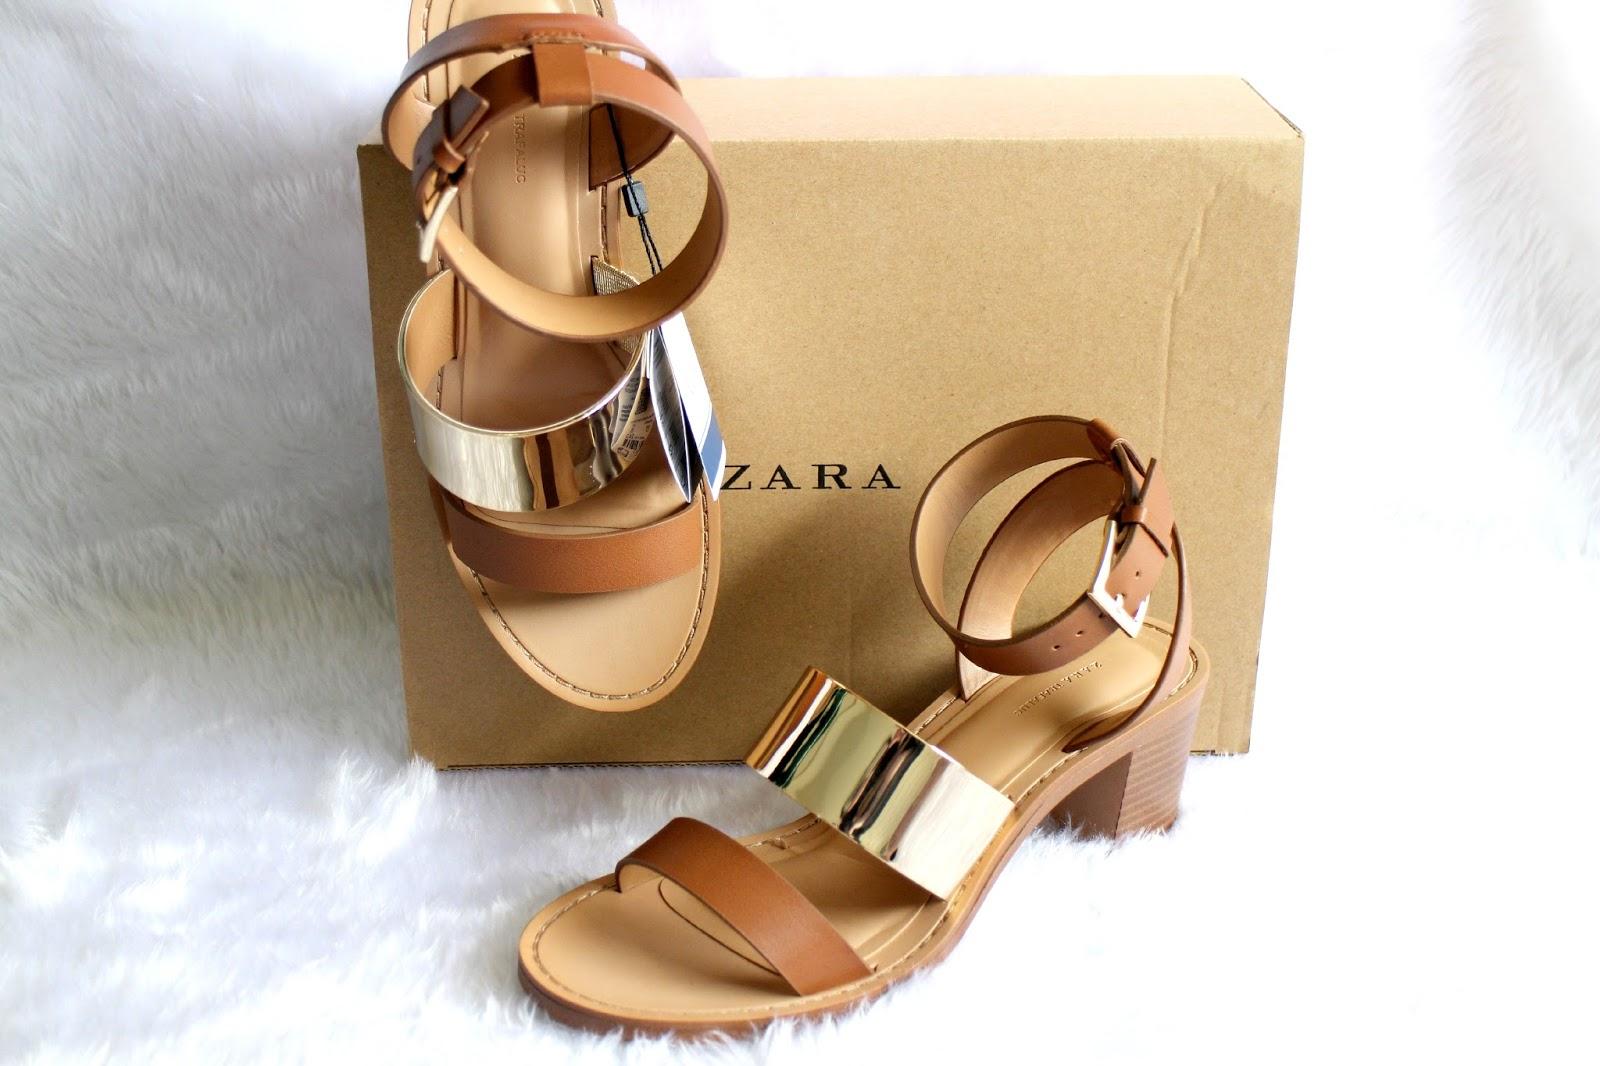 Zara Shoe Splurge